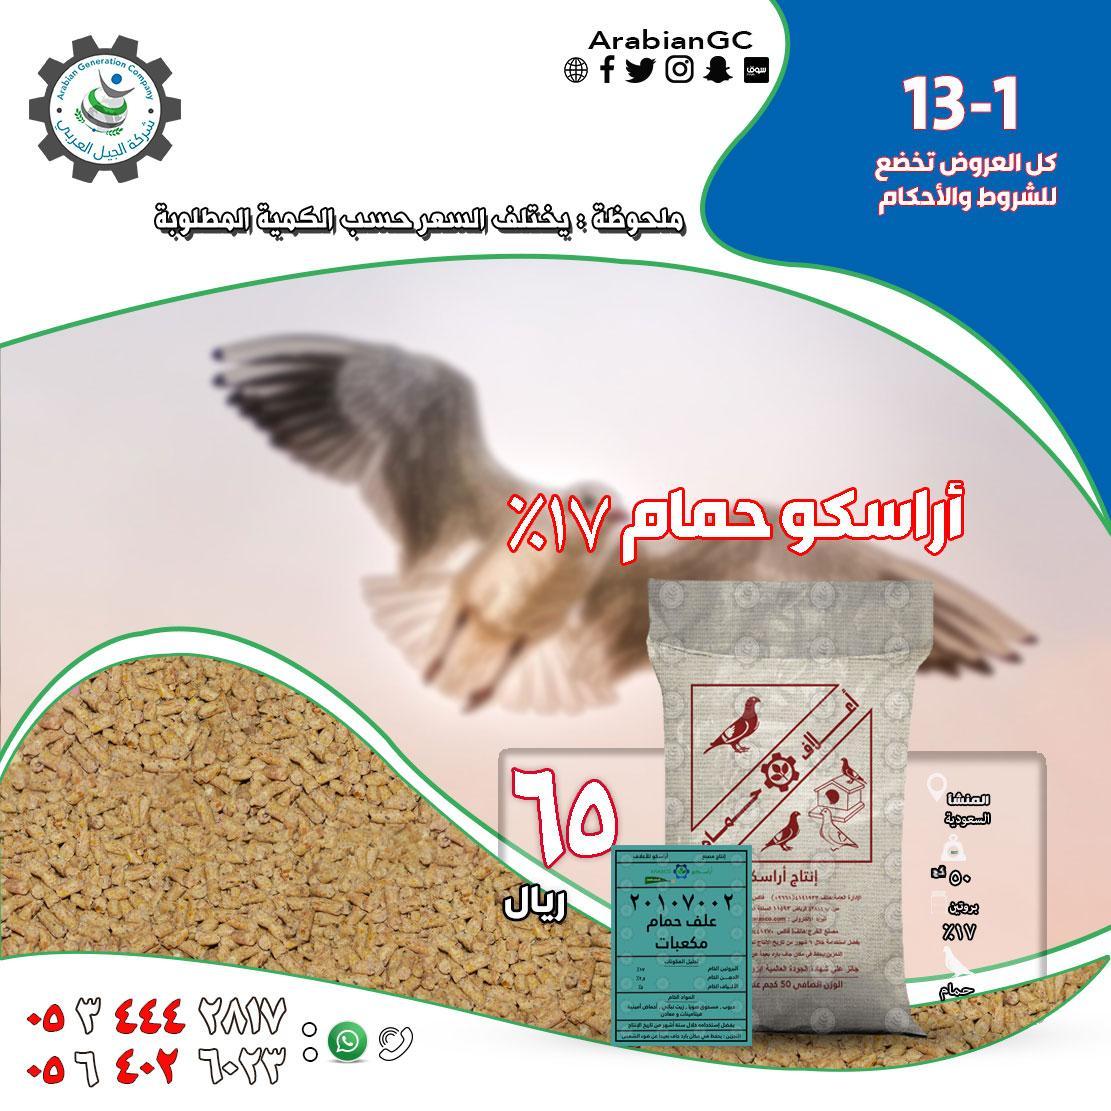 جدة أعلاف أراسكو حمام للبيع من شركة الجيل العربي للتجارة